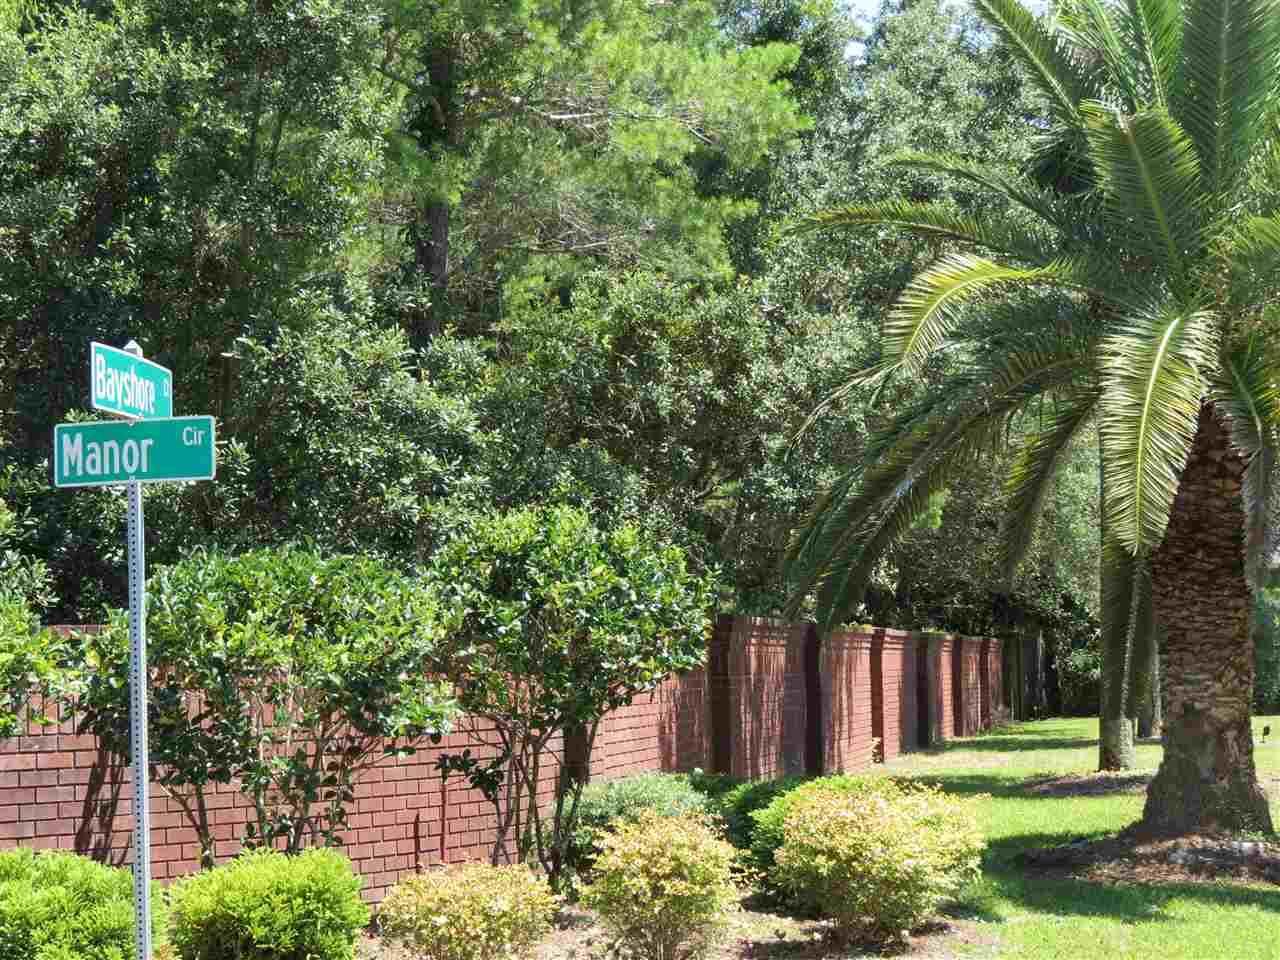 1a Manor Cir, Gulf Breeze, FL 32563